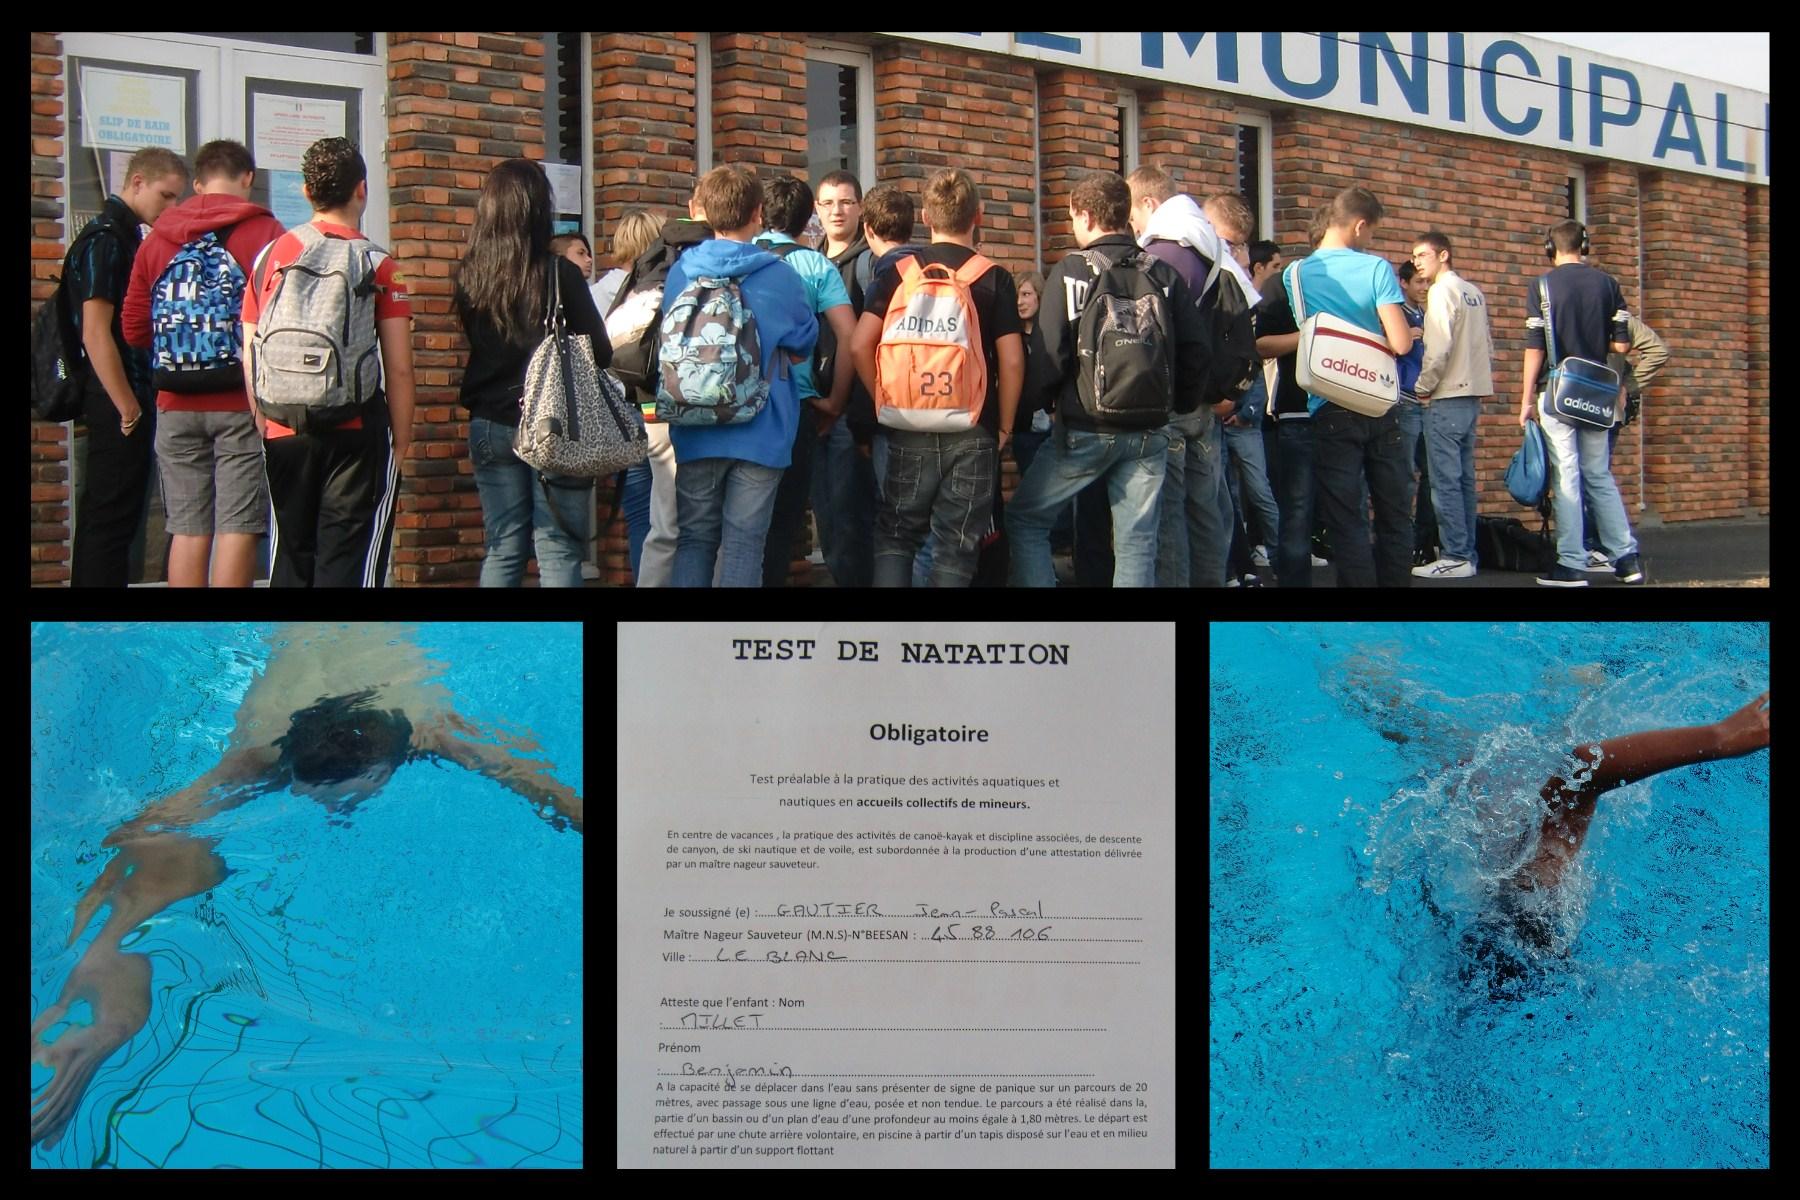 Test de natation